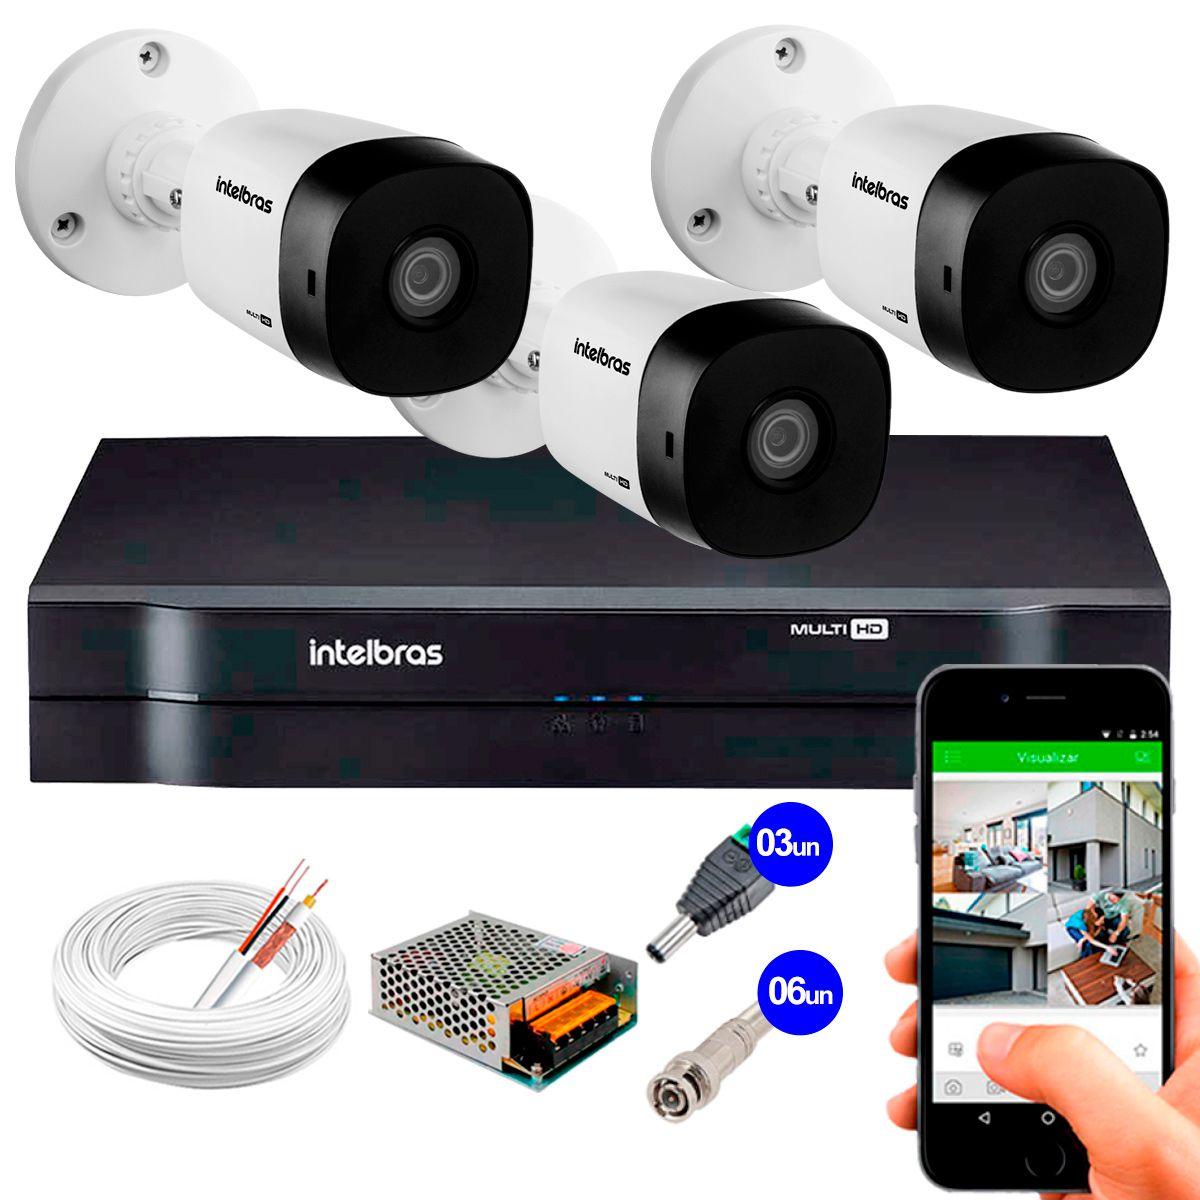 Kit 3 Câmeras VHD 3120 B G5 + DVR Intelbras + App Grátis de Monitoramento, Câmeras HD 720p 20m Infravermelho de Visão Noturna Intelbras + Fonte, Cabos e Acessórios  - Tudo Forte